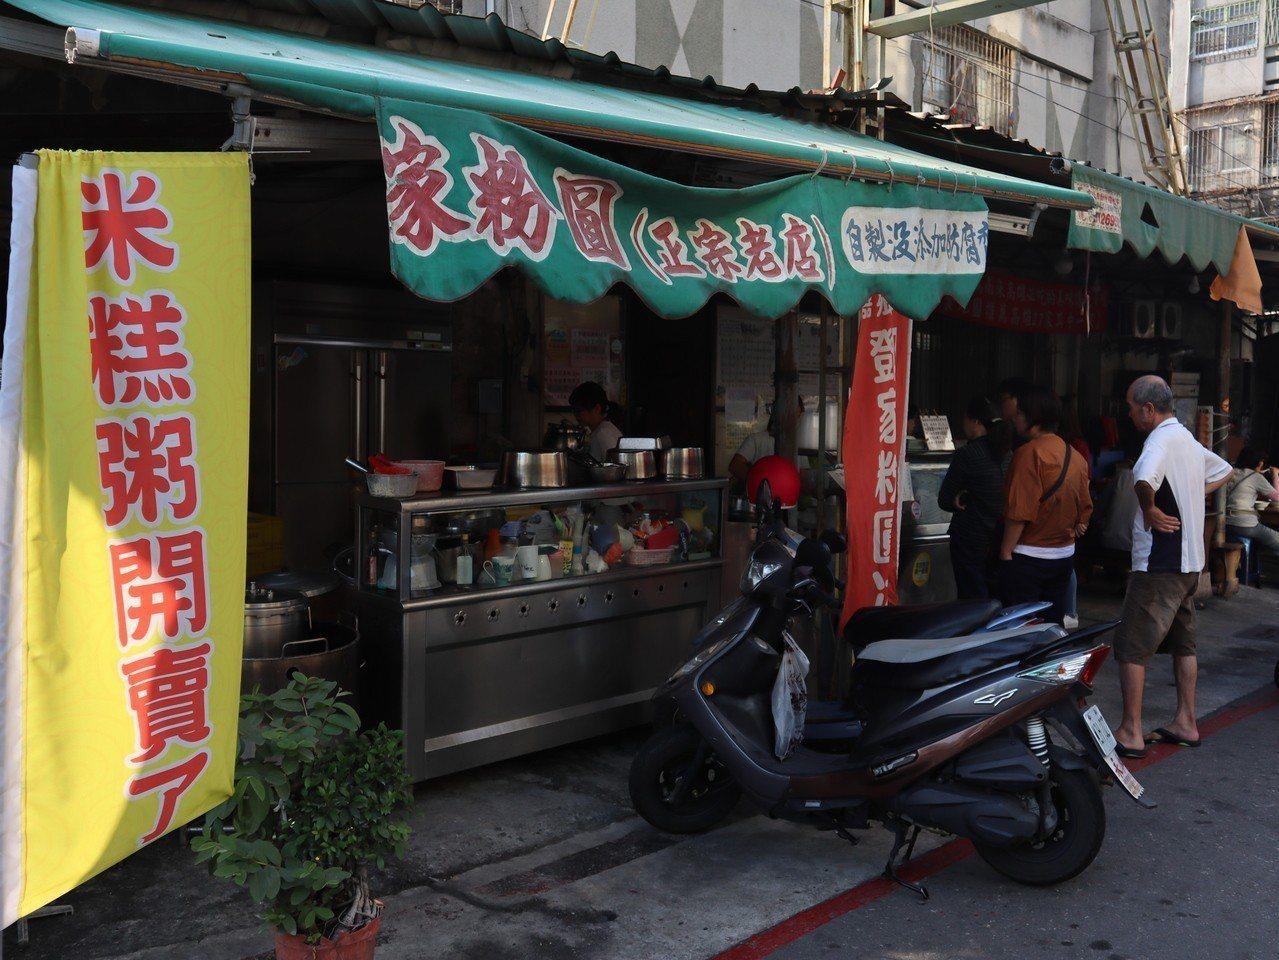 位於三民區的粉圓冰業者也搭上韓流熱潮。記者張媛榆/攝影